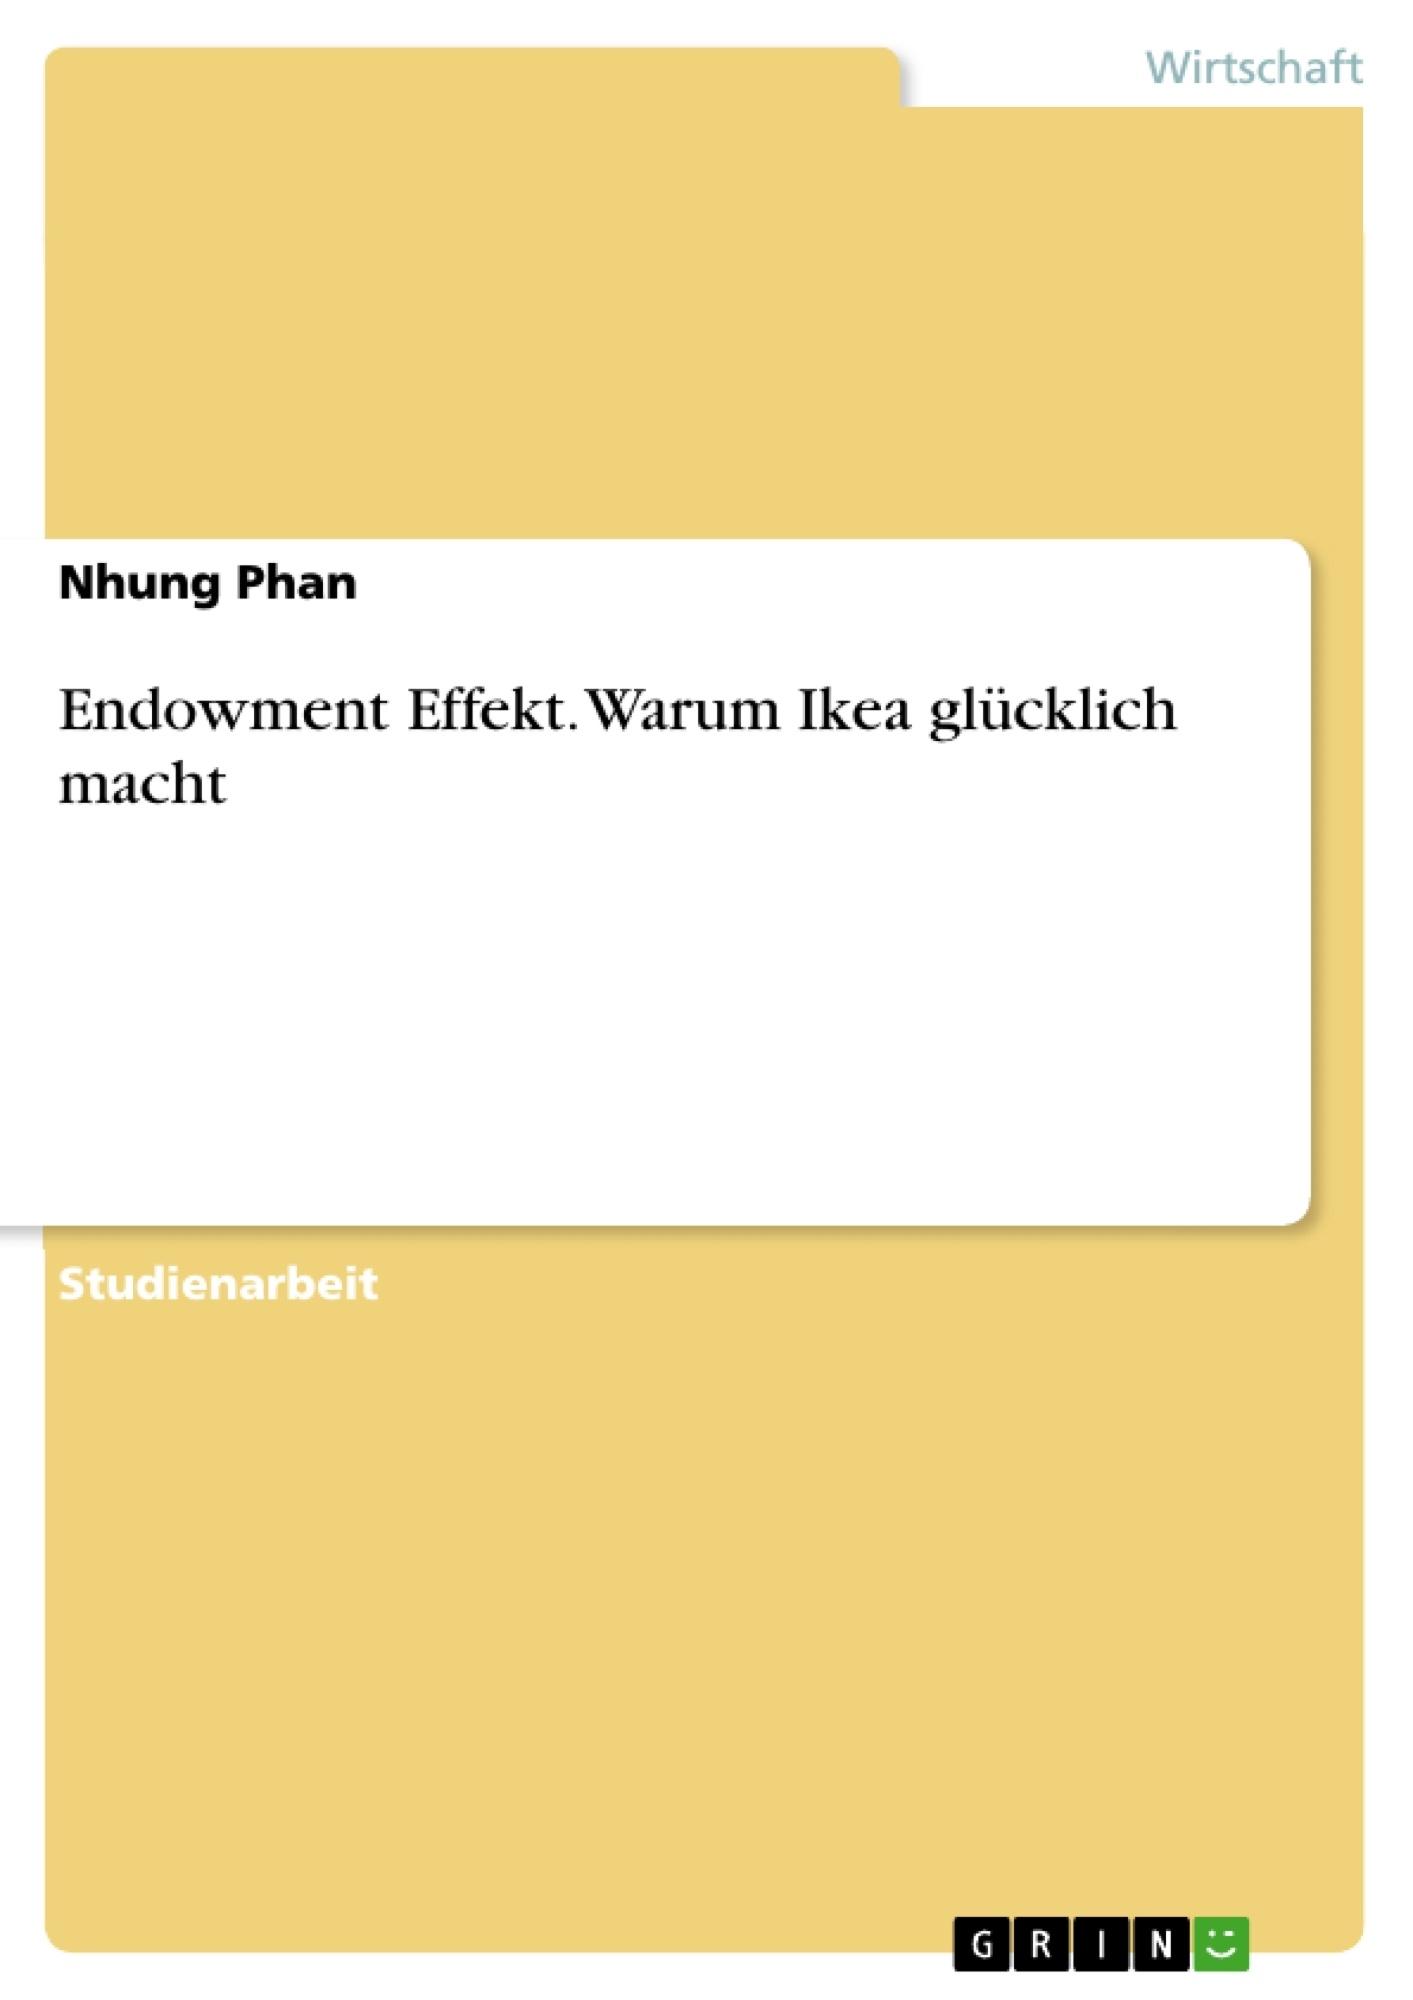 Titel: Endowment Effekt. Warum Ikea glücklich macht